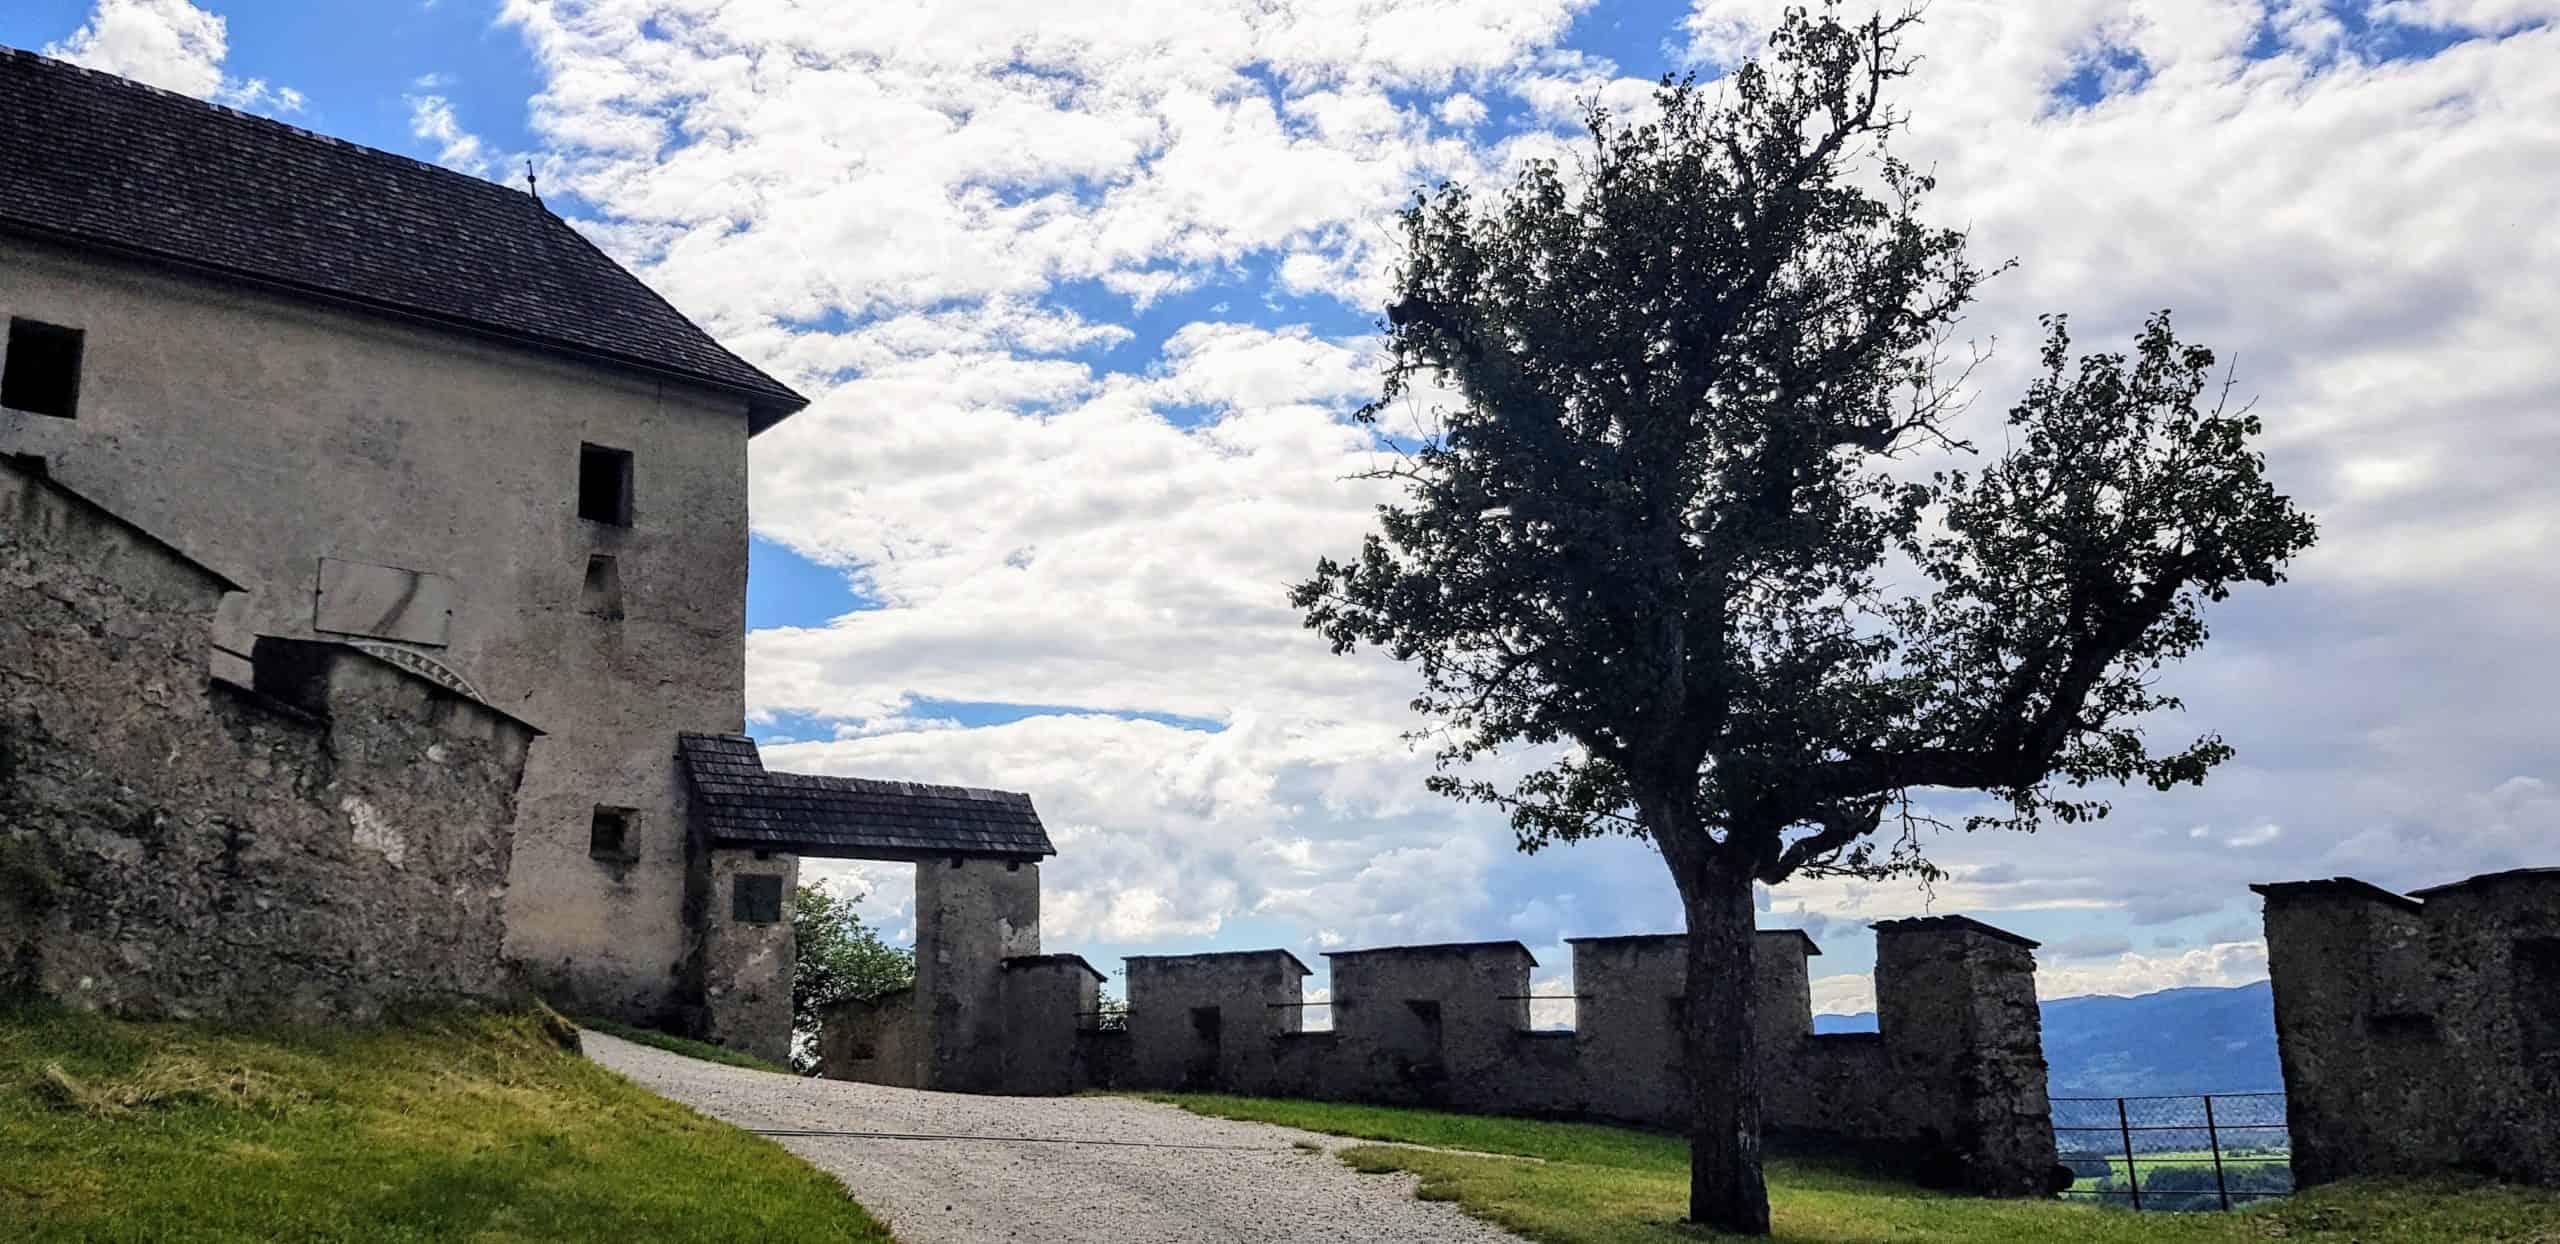 Hochosterwitz Kirchentor in der Nähe von St. Veit und Klagenfurt. Ausflugsziel in Kärnten.